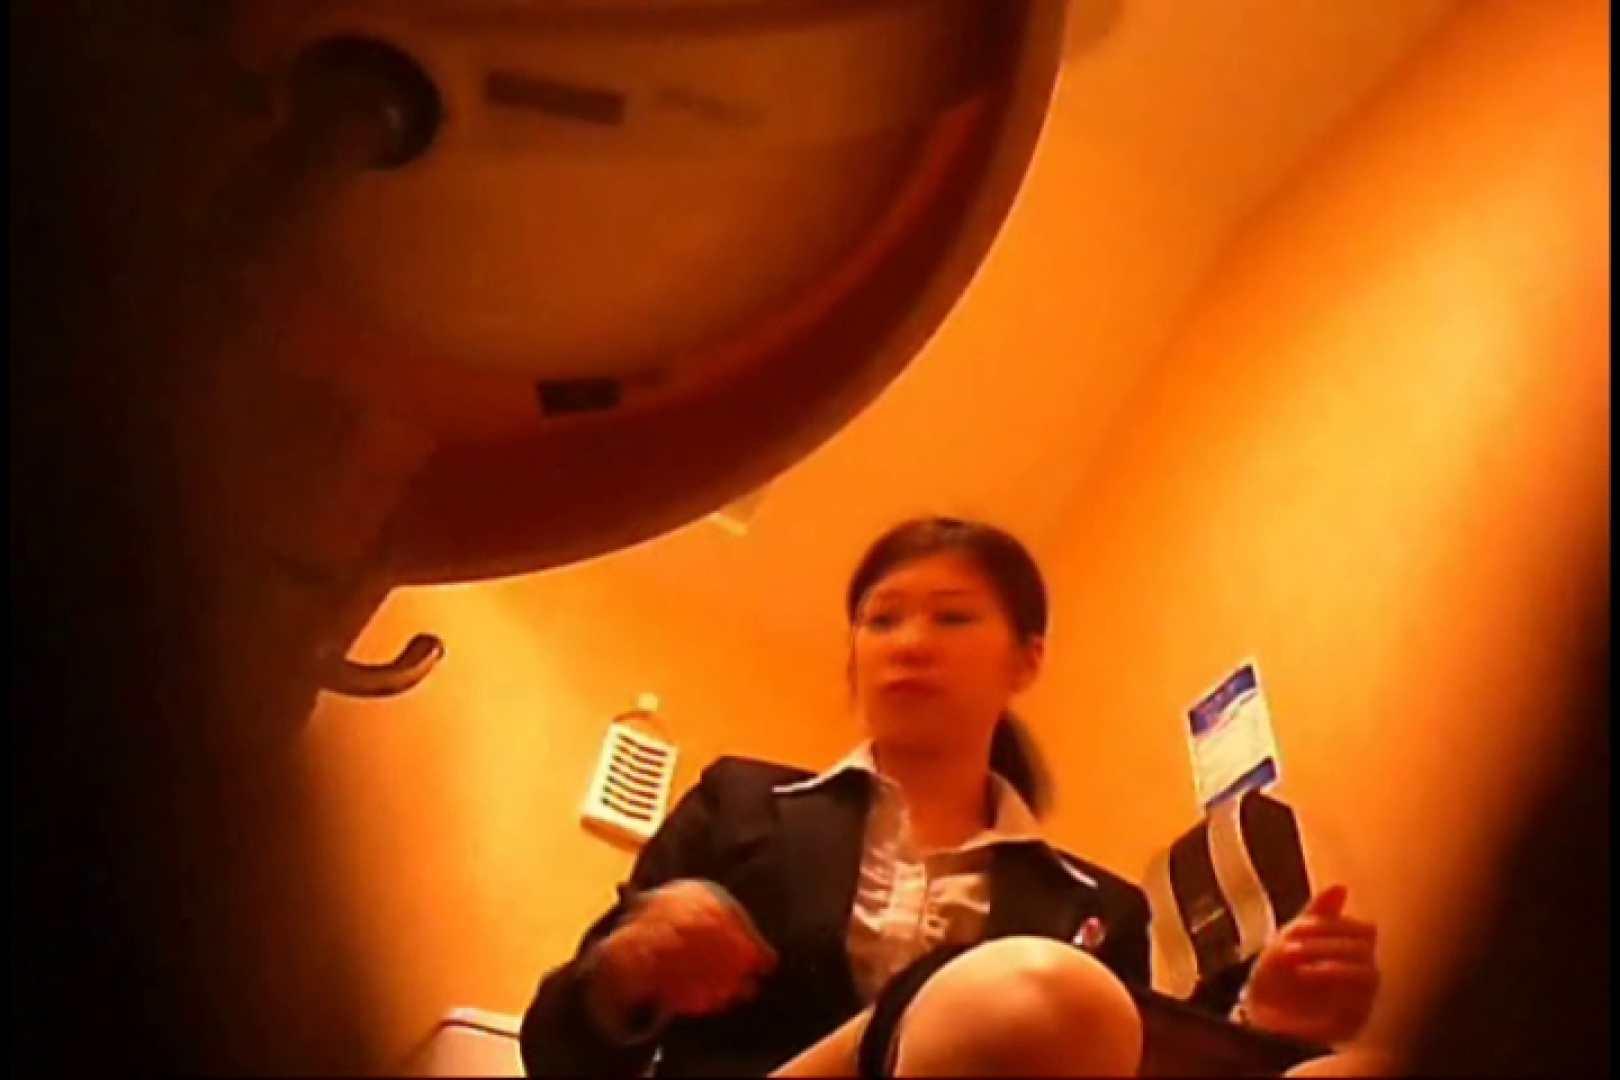 潜入!!女子化粧室盗撮~絶対見られたくない時間~vo,22 お尻 アダルト動画キャプチャ 89PIX 47